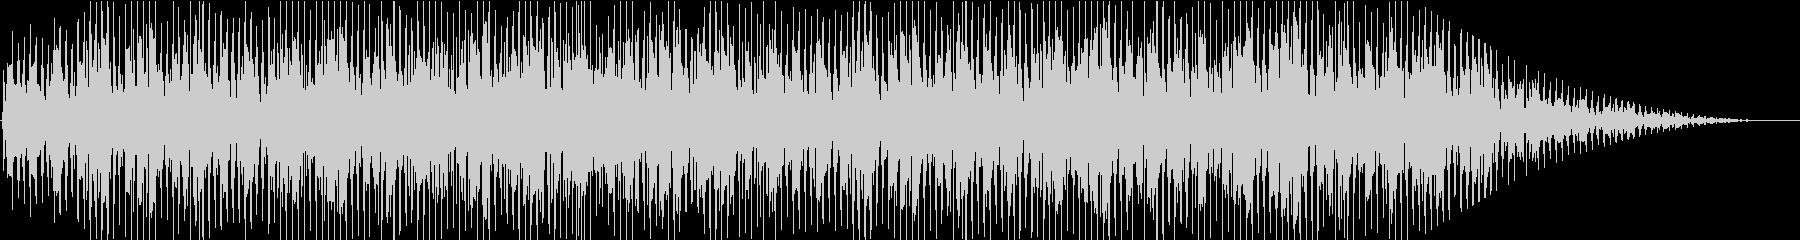 フルートが爽やかな感動系映像向けダンス曲の未再生の波形